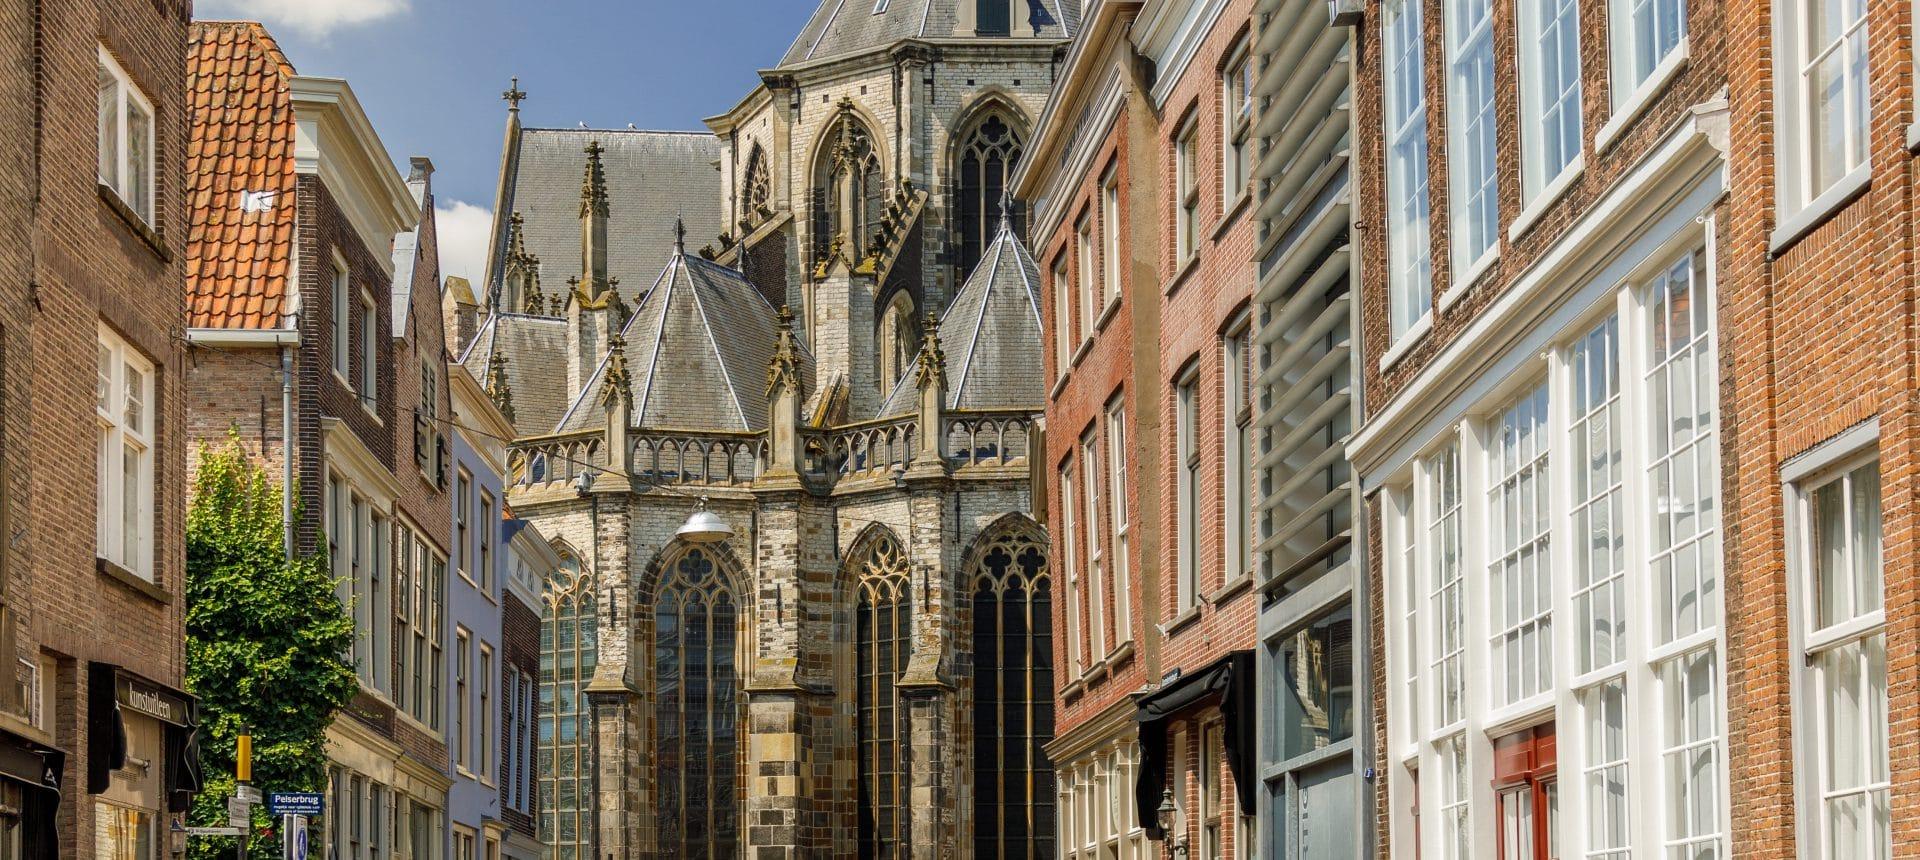 Grotekerksbuurt Grote Kerk monument Dordrecht